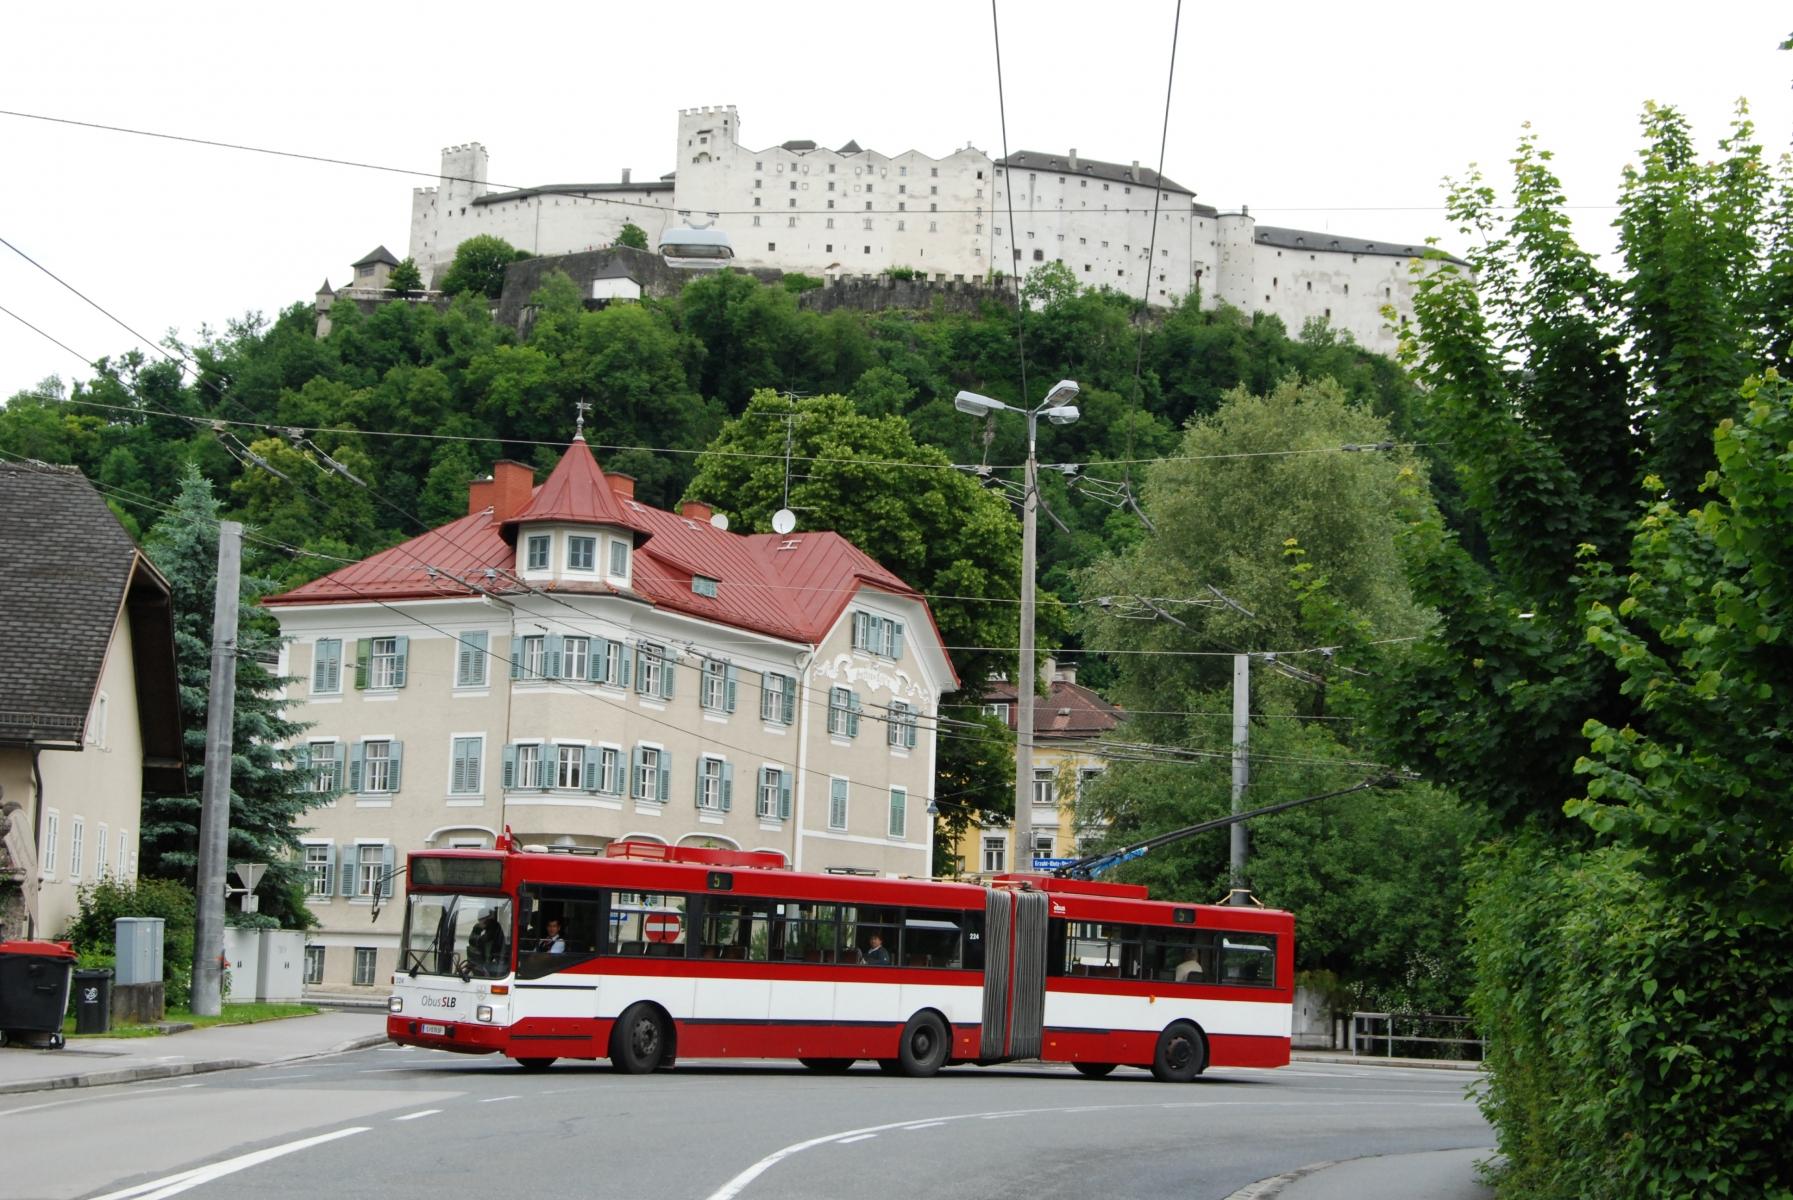 Obus 224 vor der Festung Hohensalzburg. Foto: Wolfgang Proisl